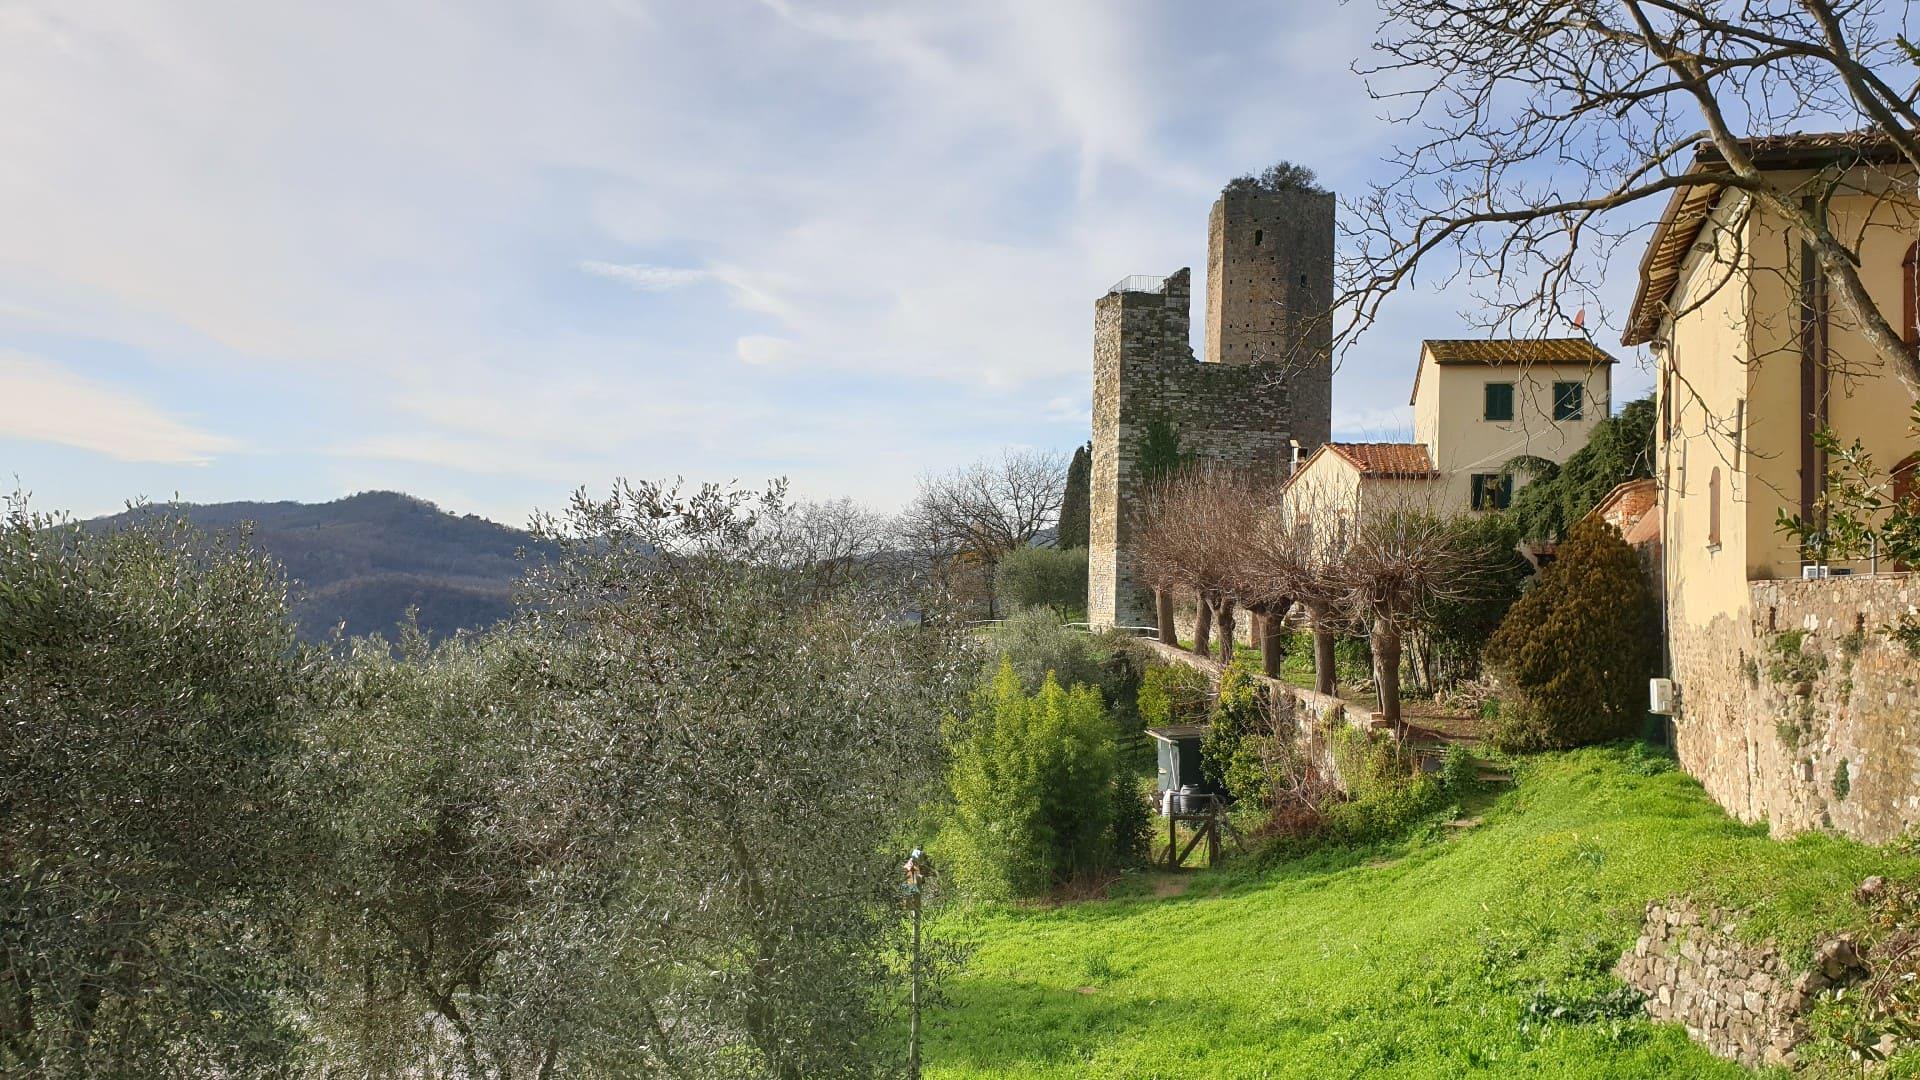 Una vista sui verdi colli della Valdinievole e i suoi olivi. Sulla destra il borgo di Serravalle Pistoiese su cui spicca una vista parziale delle mura e dell'altissima torre della Rocca Nuova.